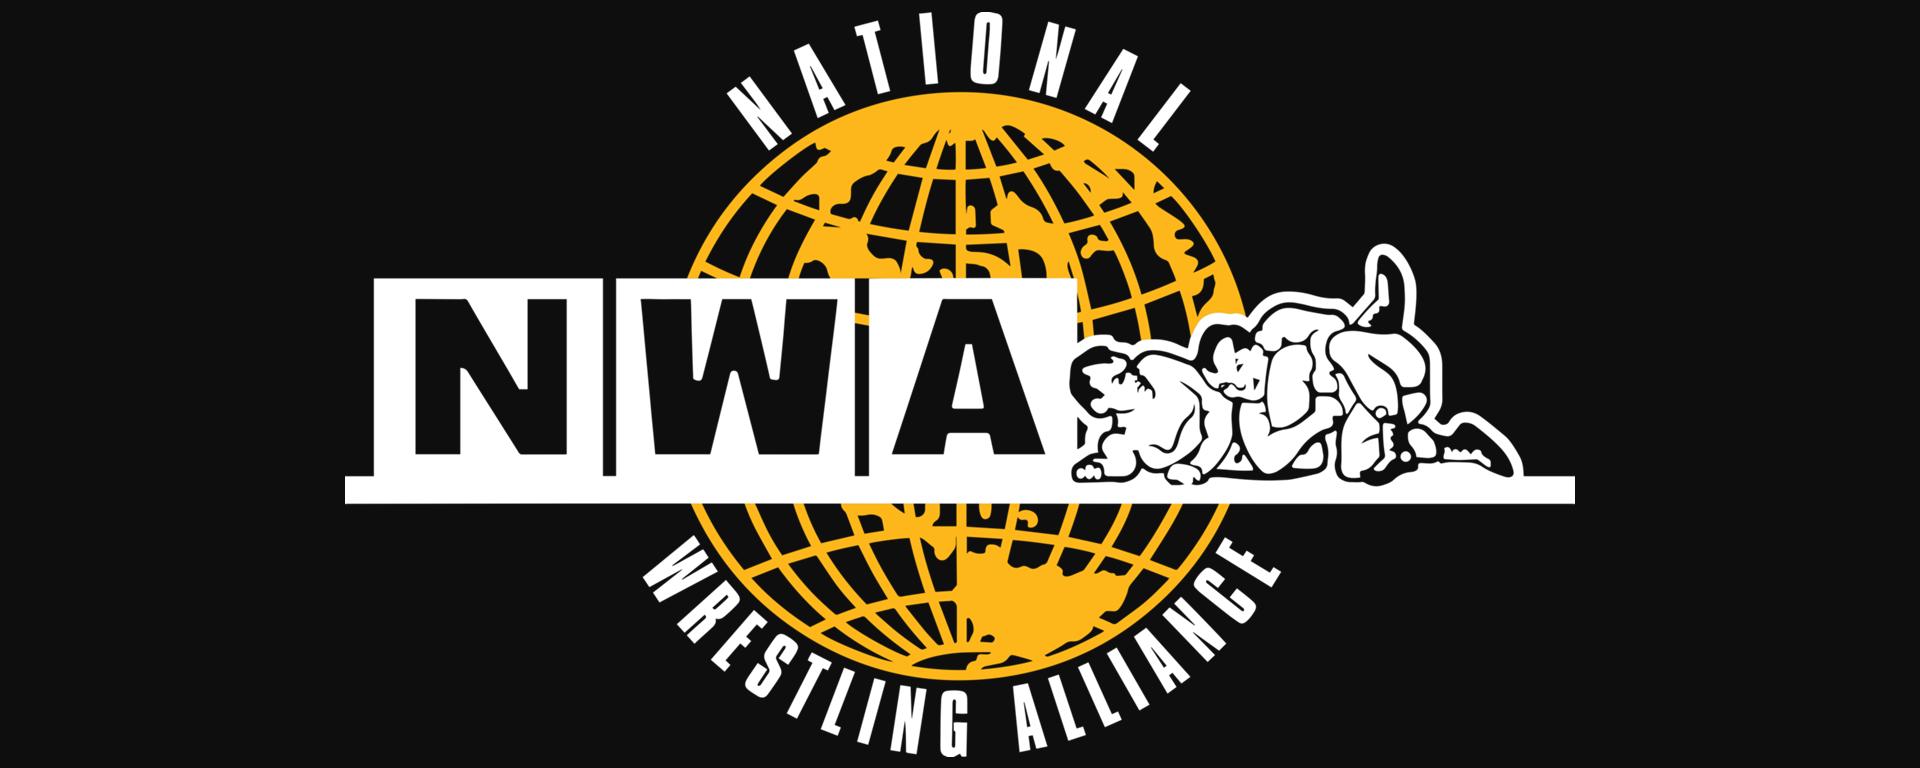 Jim Cornette Resigns From The National Wrestling Alliance